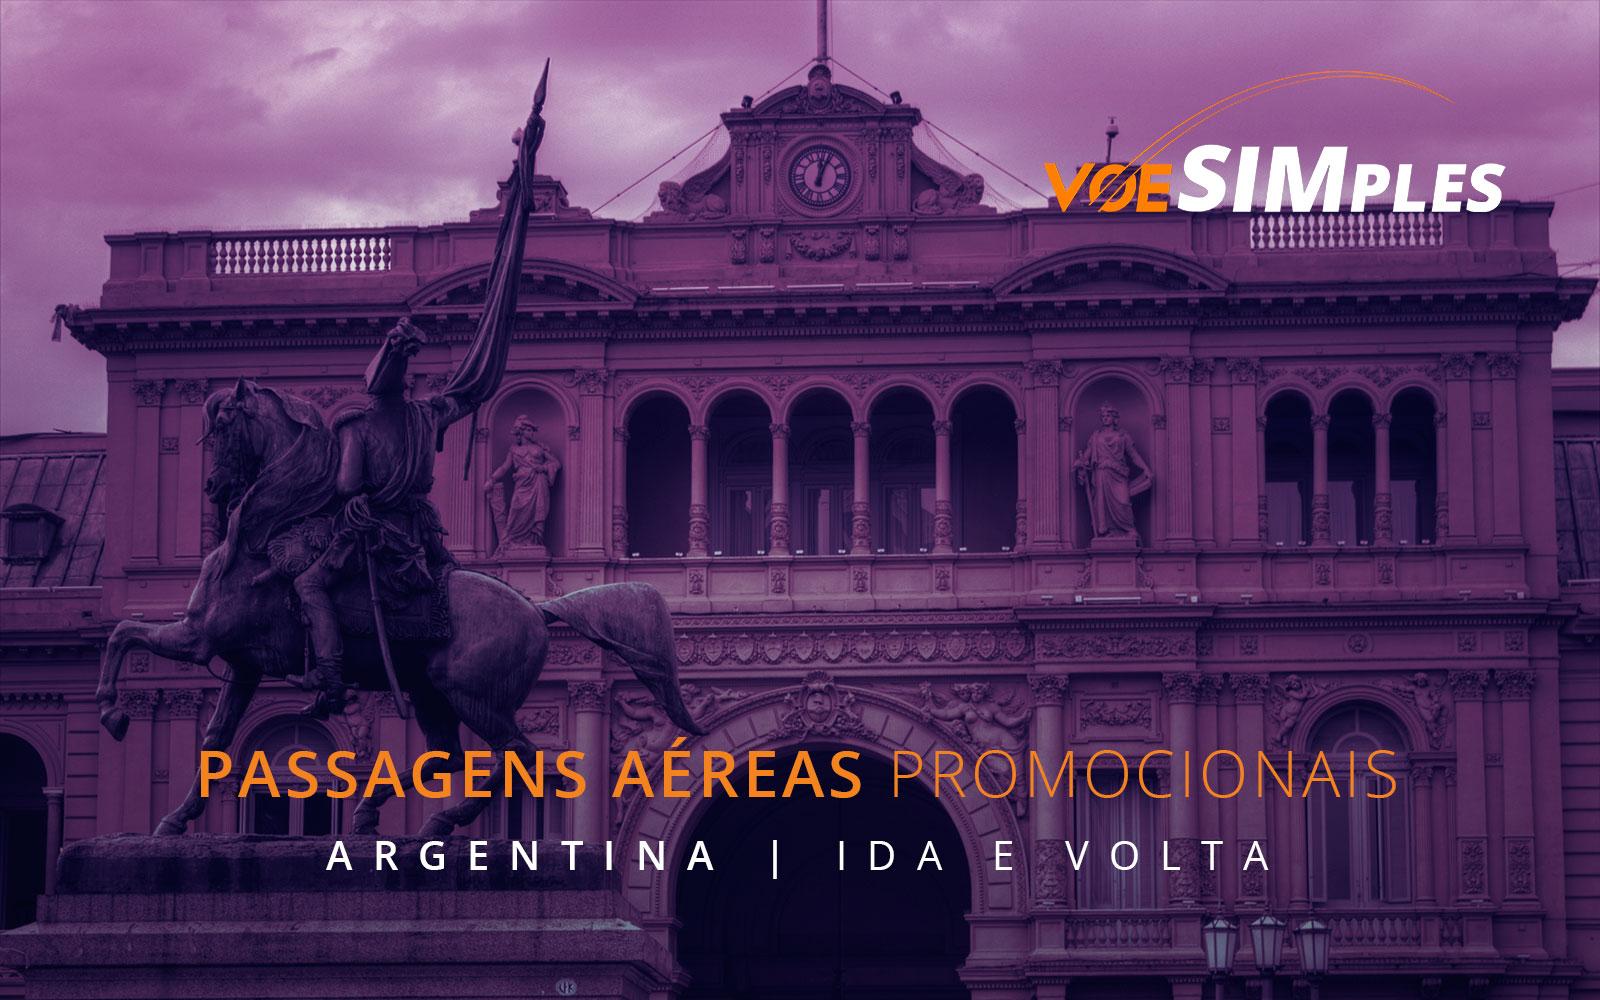 Passagens aéreas promocionais para a Argentina